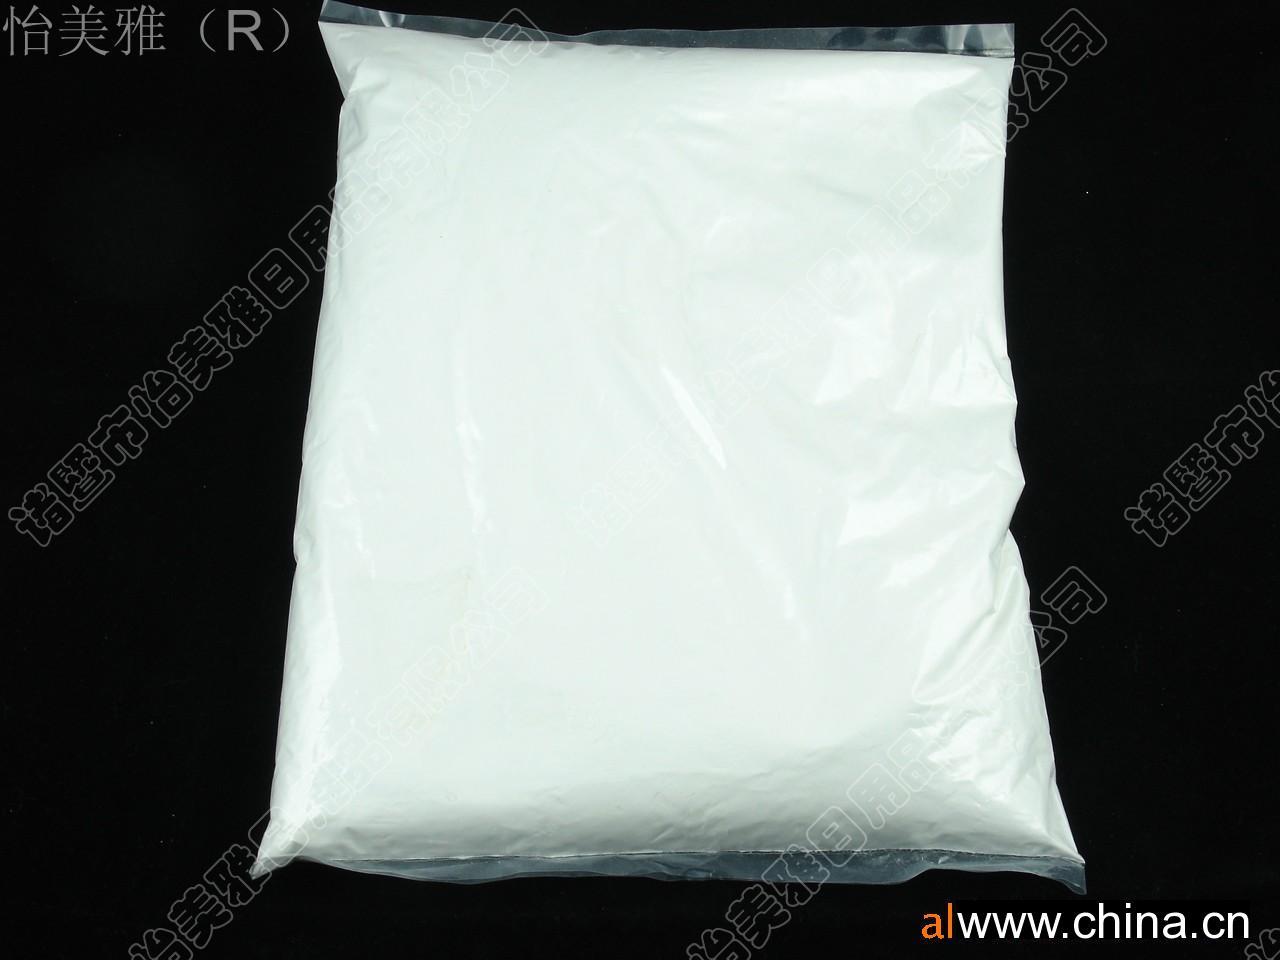 供应水溶珍珠粉、珍珠粉、珍珠末等珍珠产品及原料